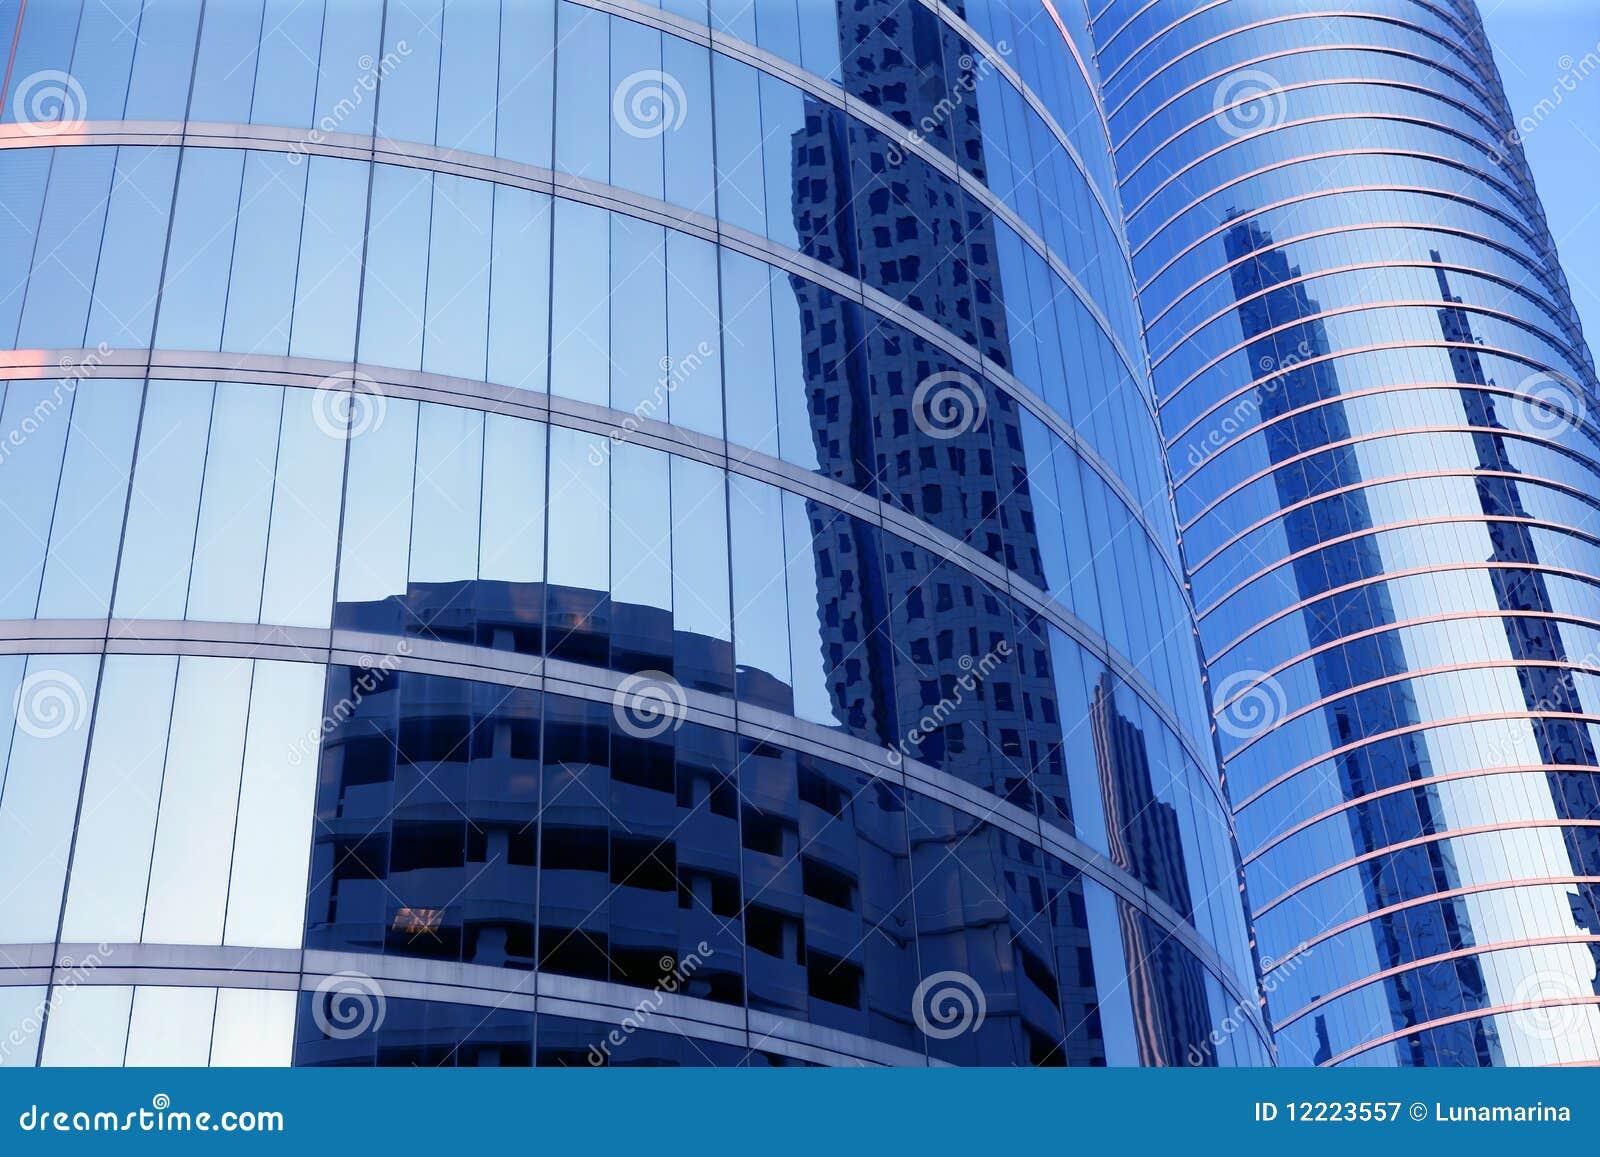 Edificios de cristal del rascacielos de la fachada del espejo azul